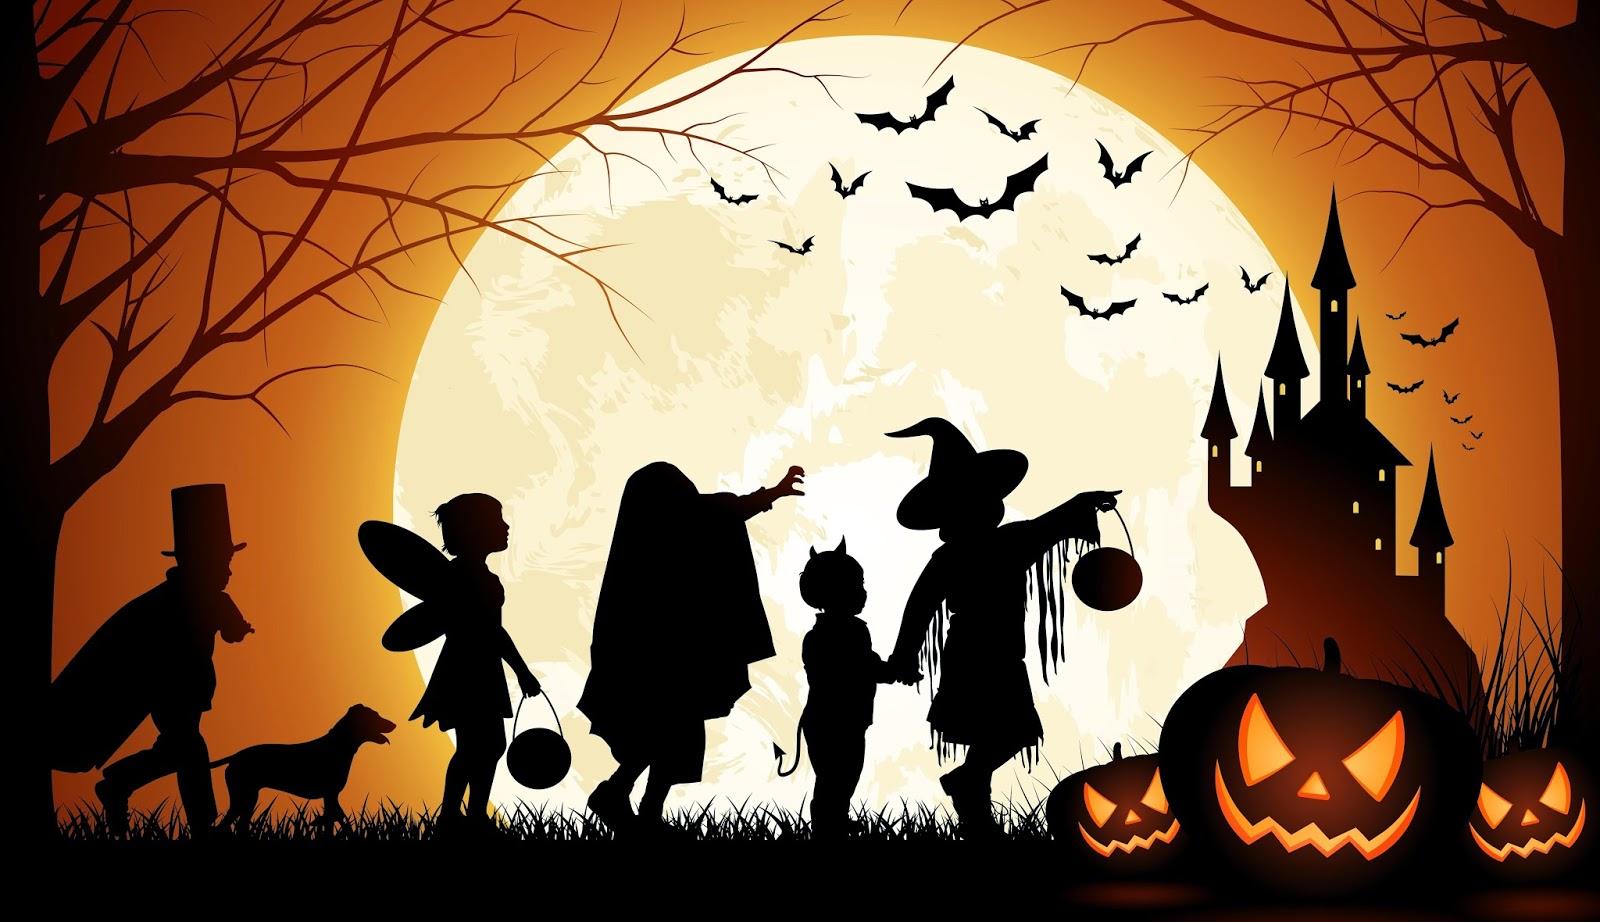 Halloween Horror Stories | Zuprome